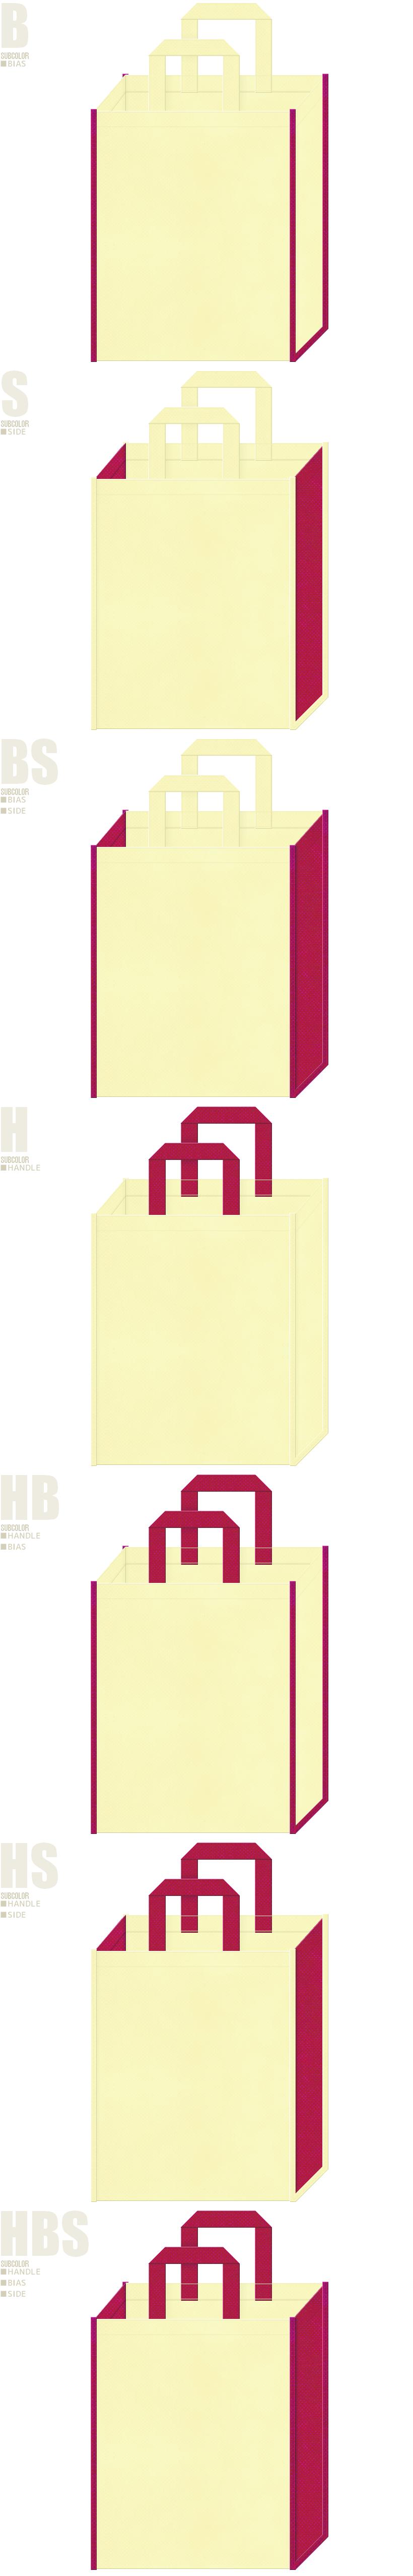 月・かぐやひめ・ひな祭り・和風催事・ゲーム・キッズイベントにお奨めの不織布バッグデザイン:薄黄色と濃いピンク色の配色7パターン。